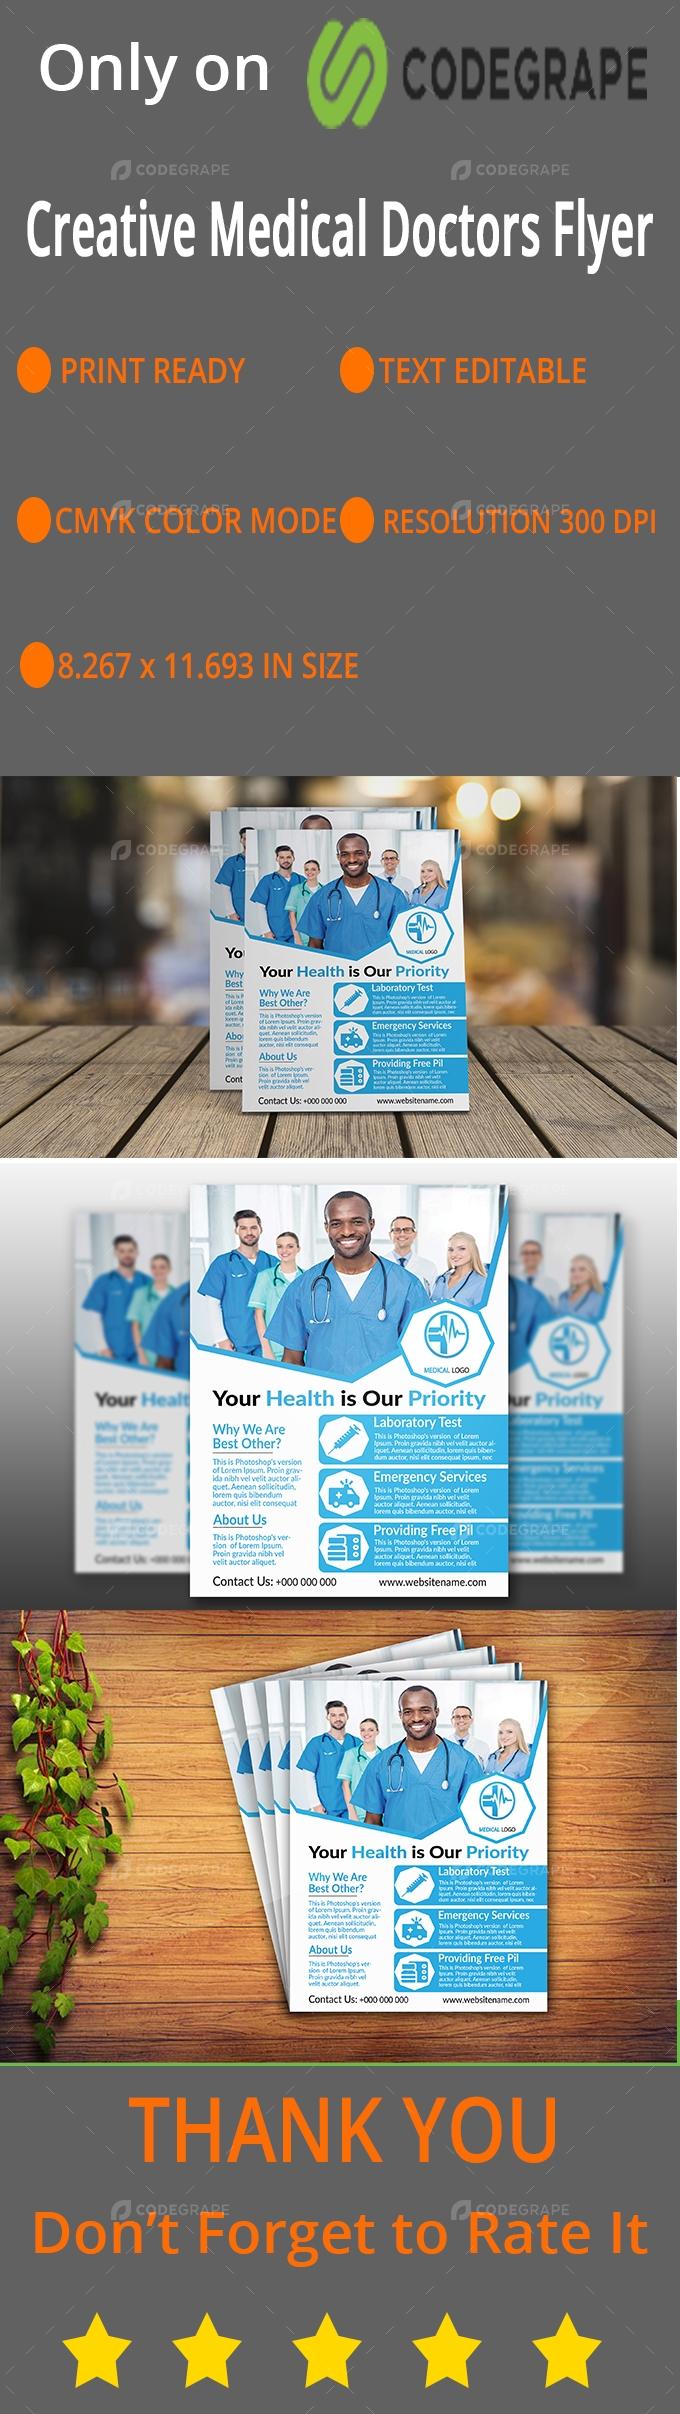 Medical Doctors Flyer Design